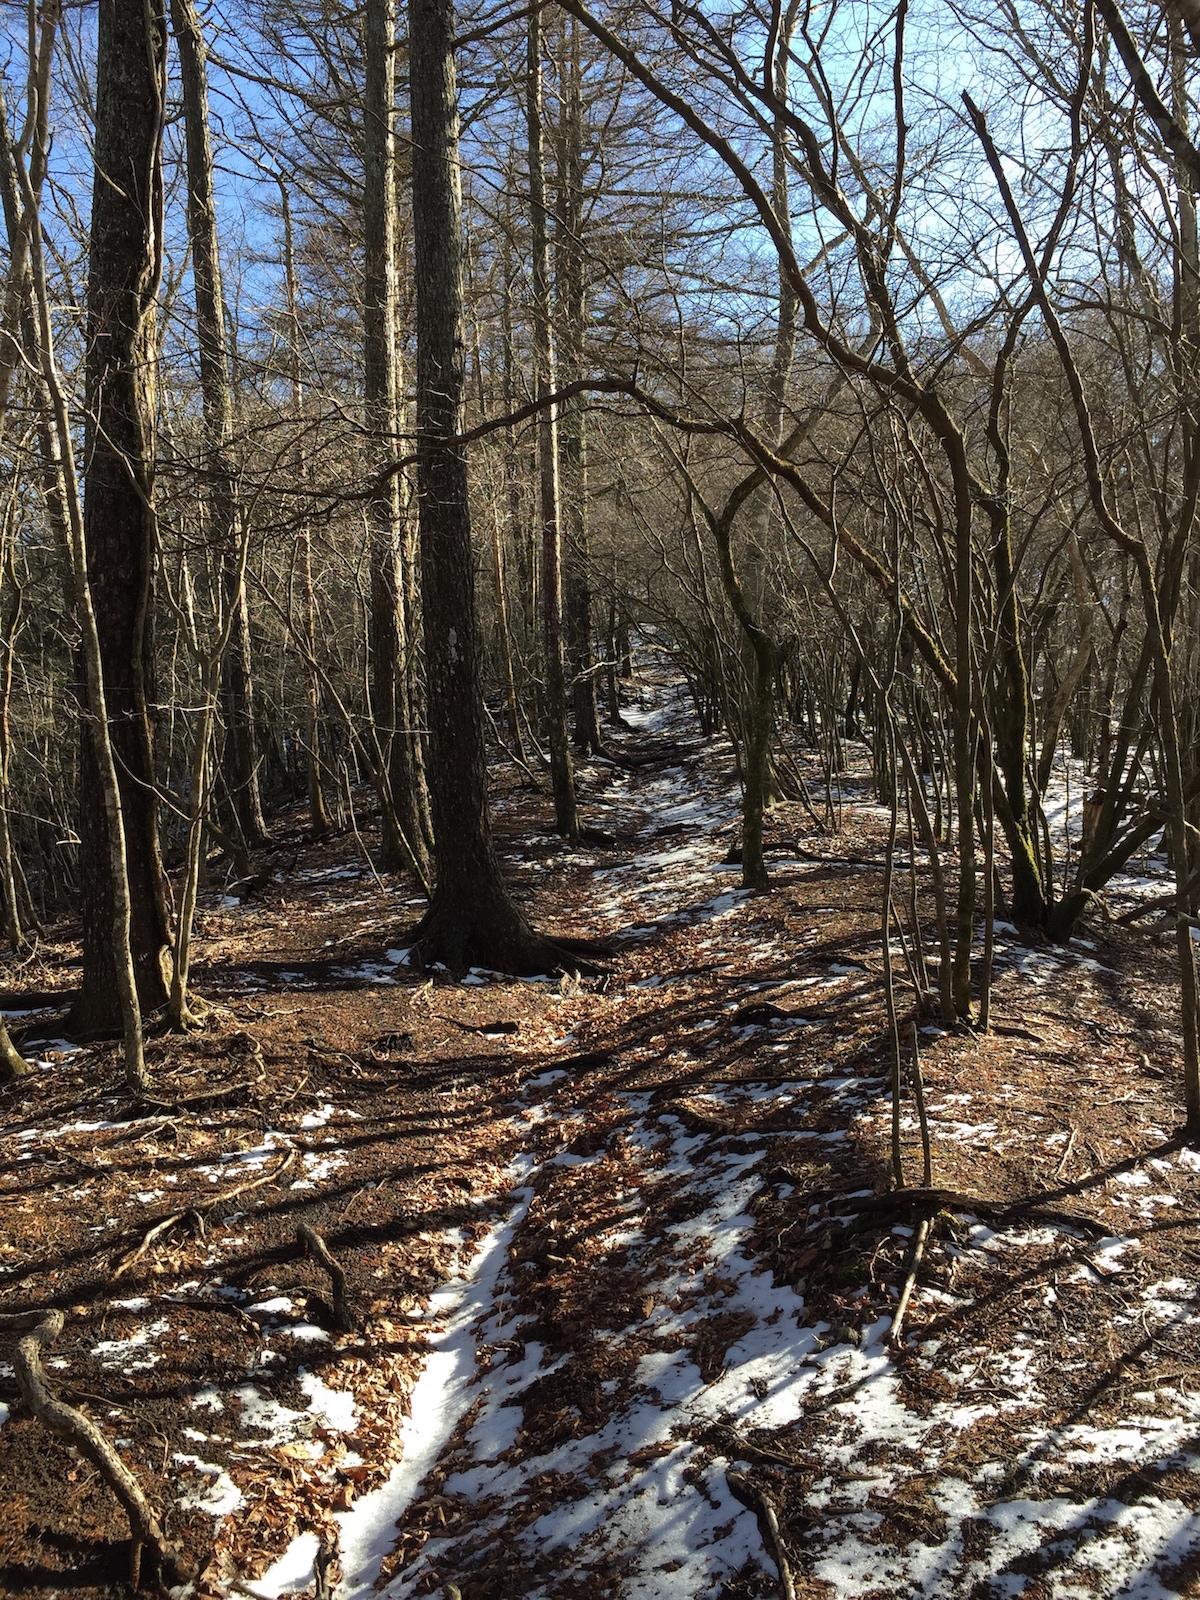 Snowy winter-scape